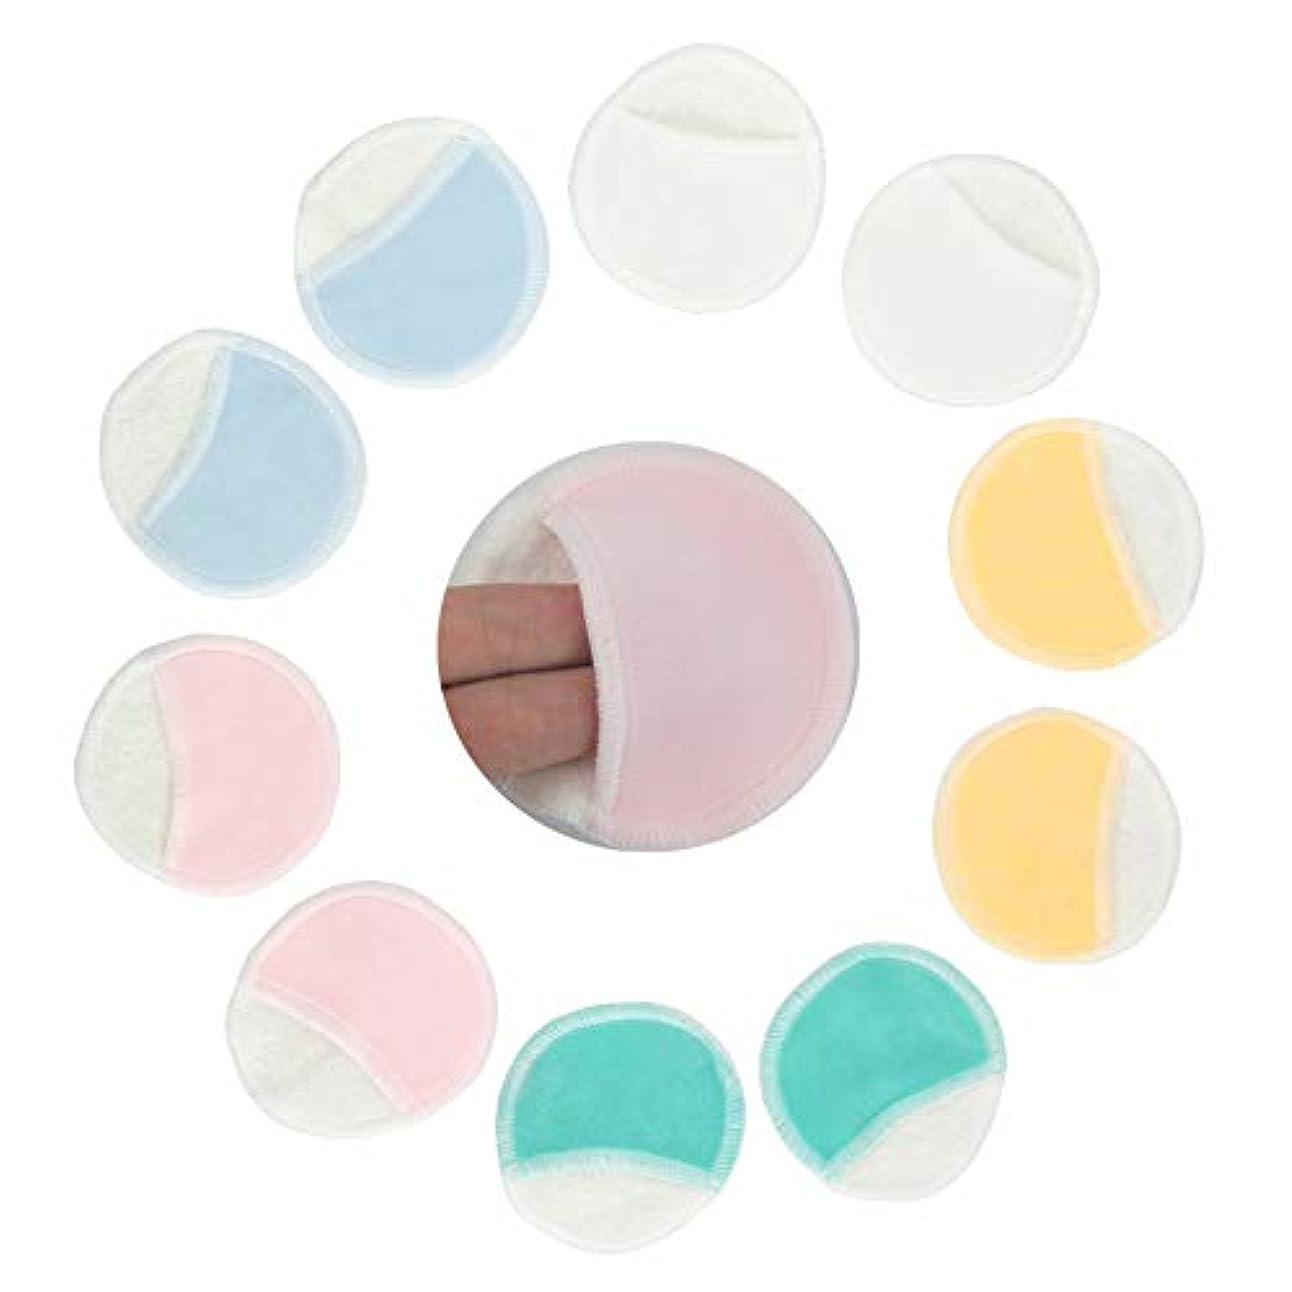 化粧落としパッド10ピースランダムカラーパッド洗えるワイプ竹繊維フェイシャルクリーニングでネットバッグ柔らかい少ない無駄ラウンドスキンケア再利用可能な化粧品ツール(ランダムカラー)